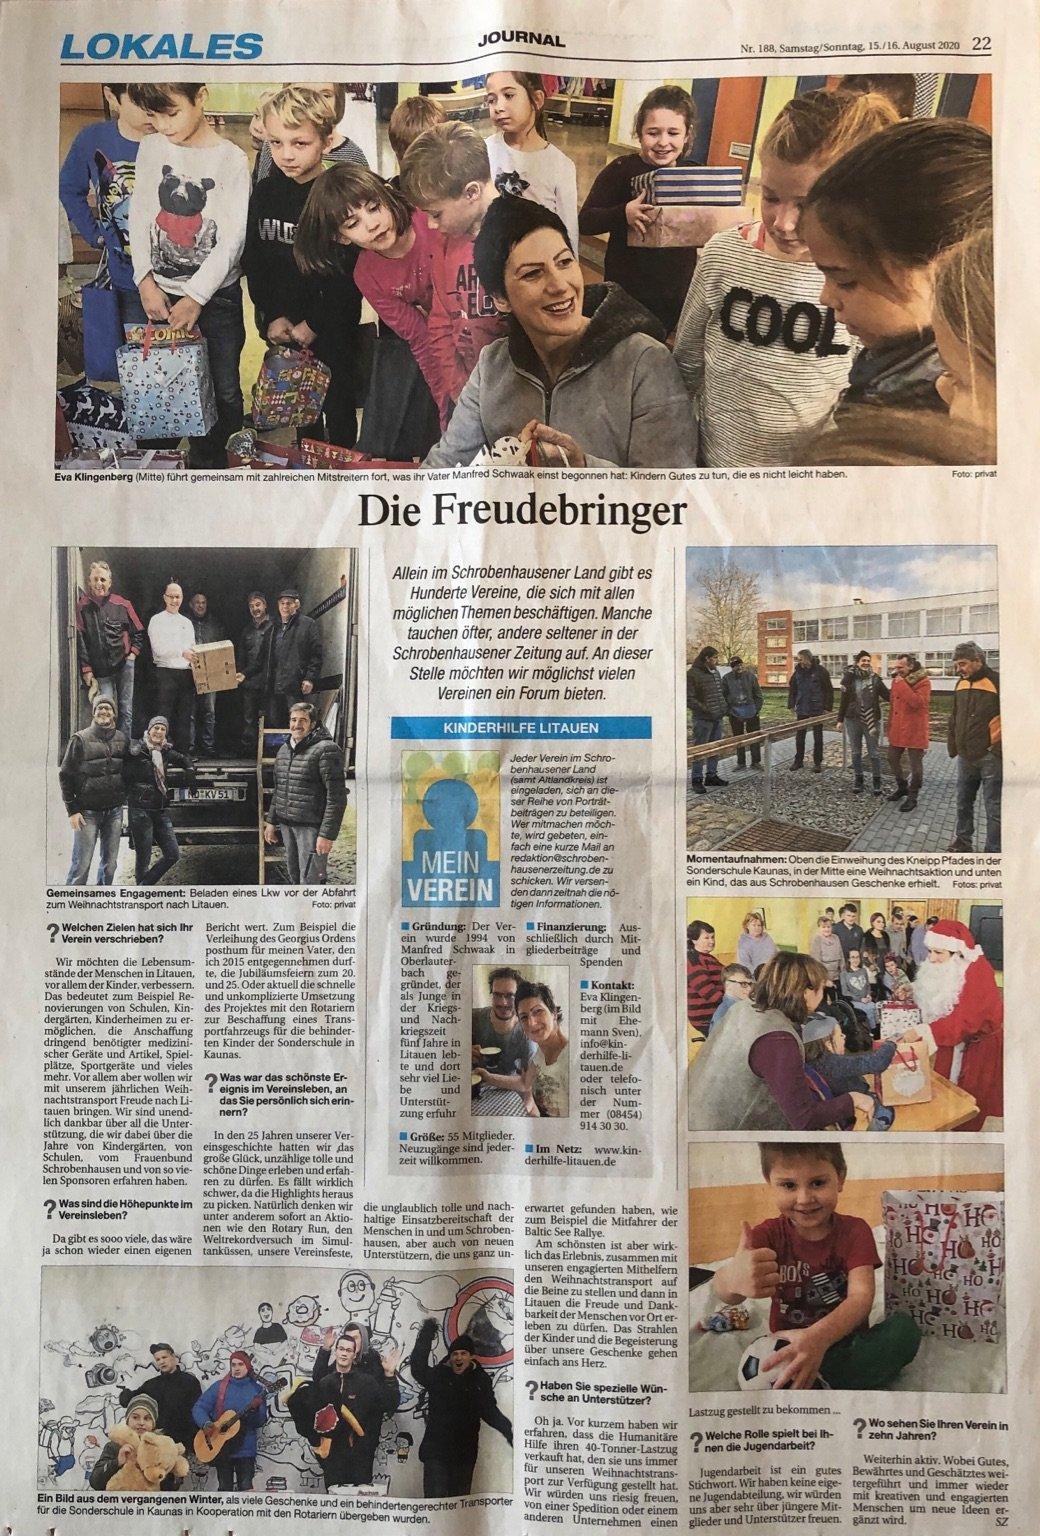 Die Freudenbringer Zeitungsartikel Vereine in und um Schrobenhausen